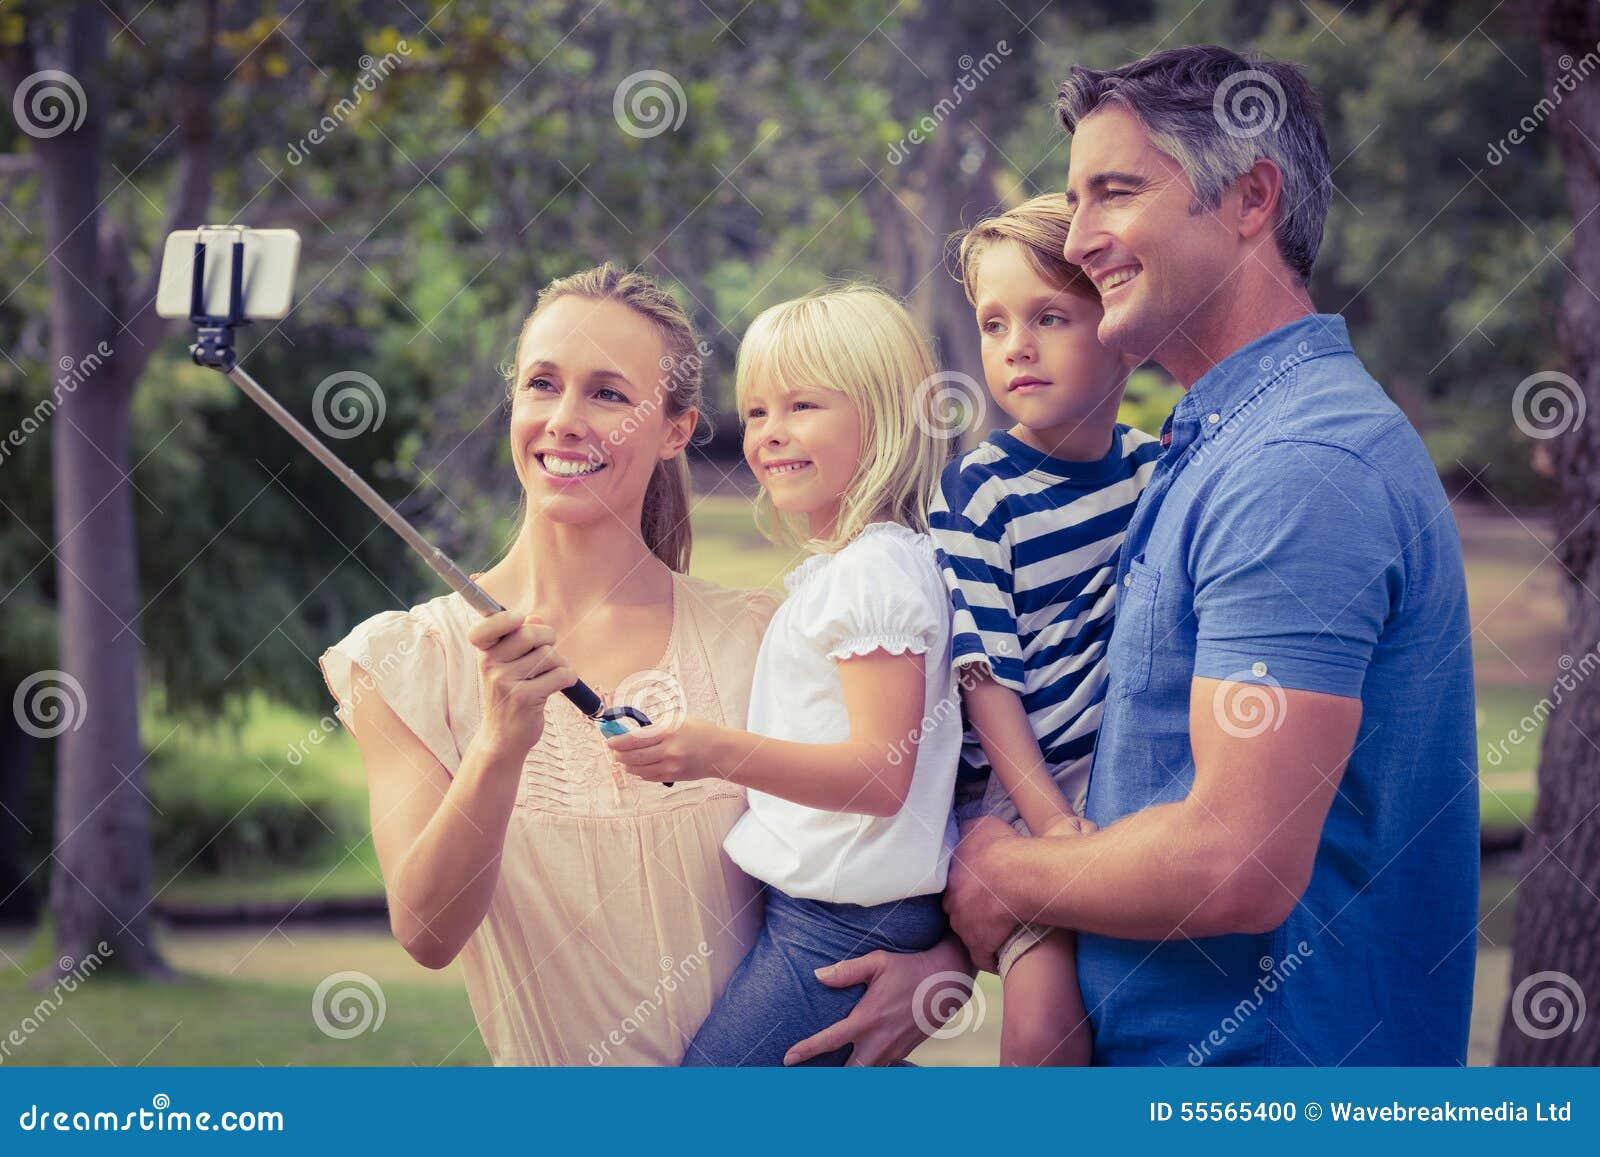 使用一根selfie棍子的愉快的家庭在公园